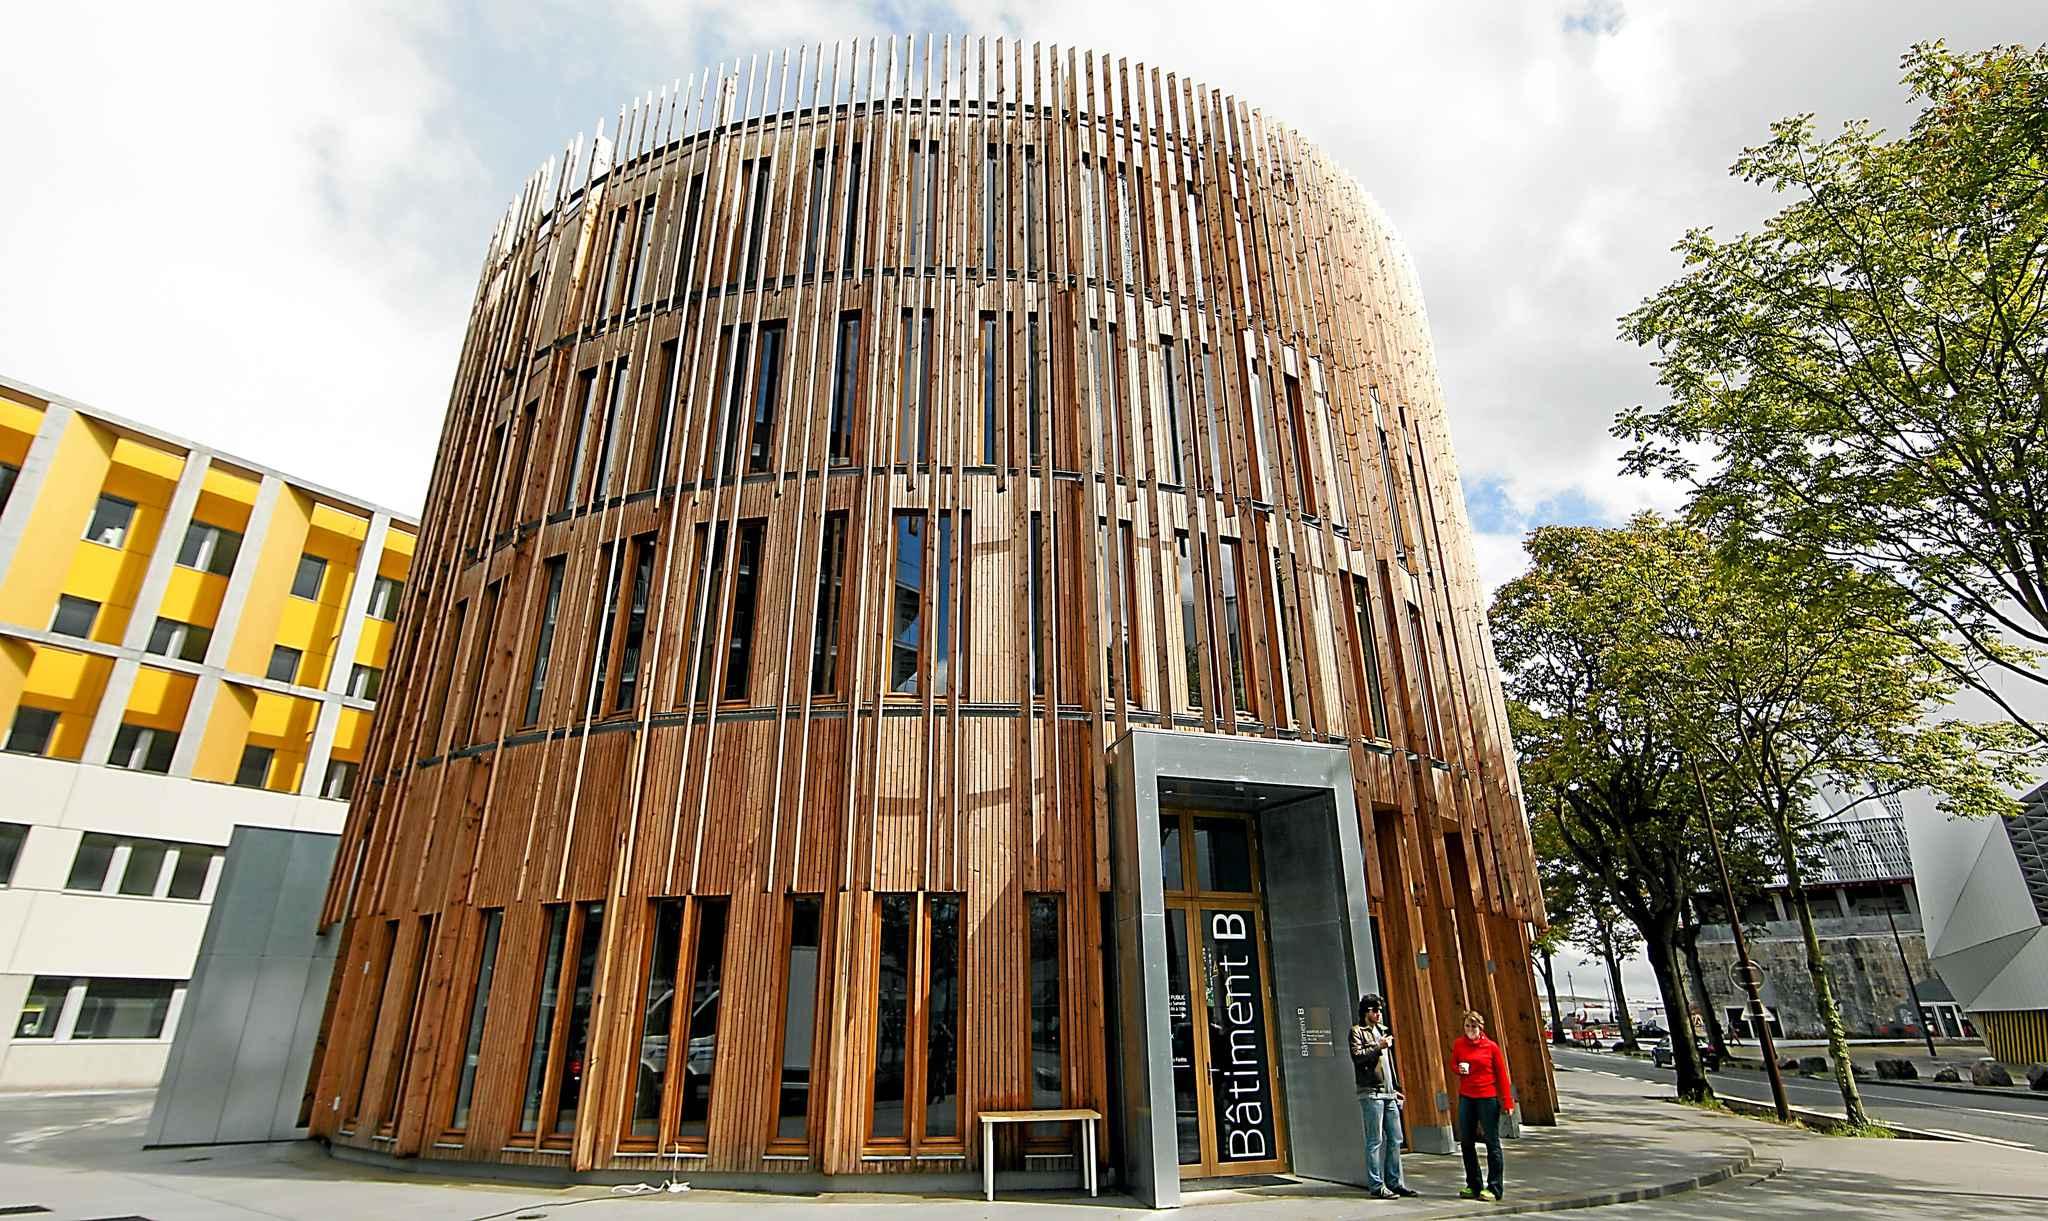 Redonner au bois sa splendeur for Architecture en bois